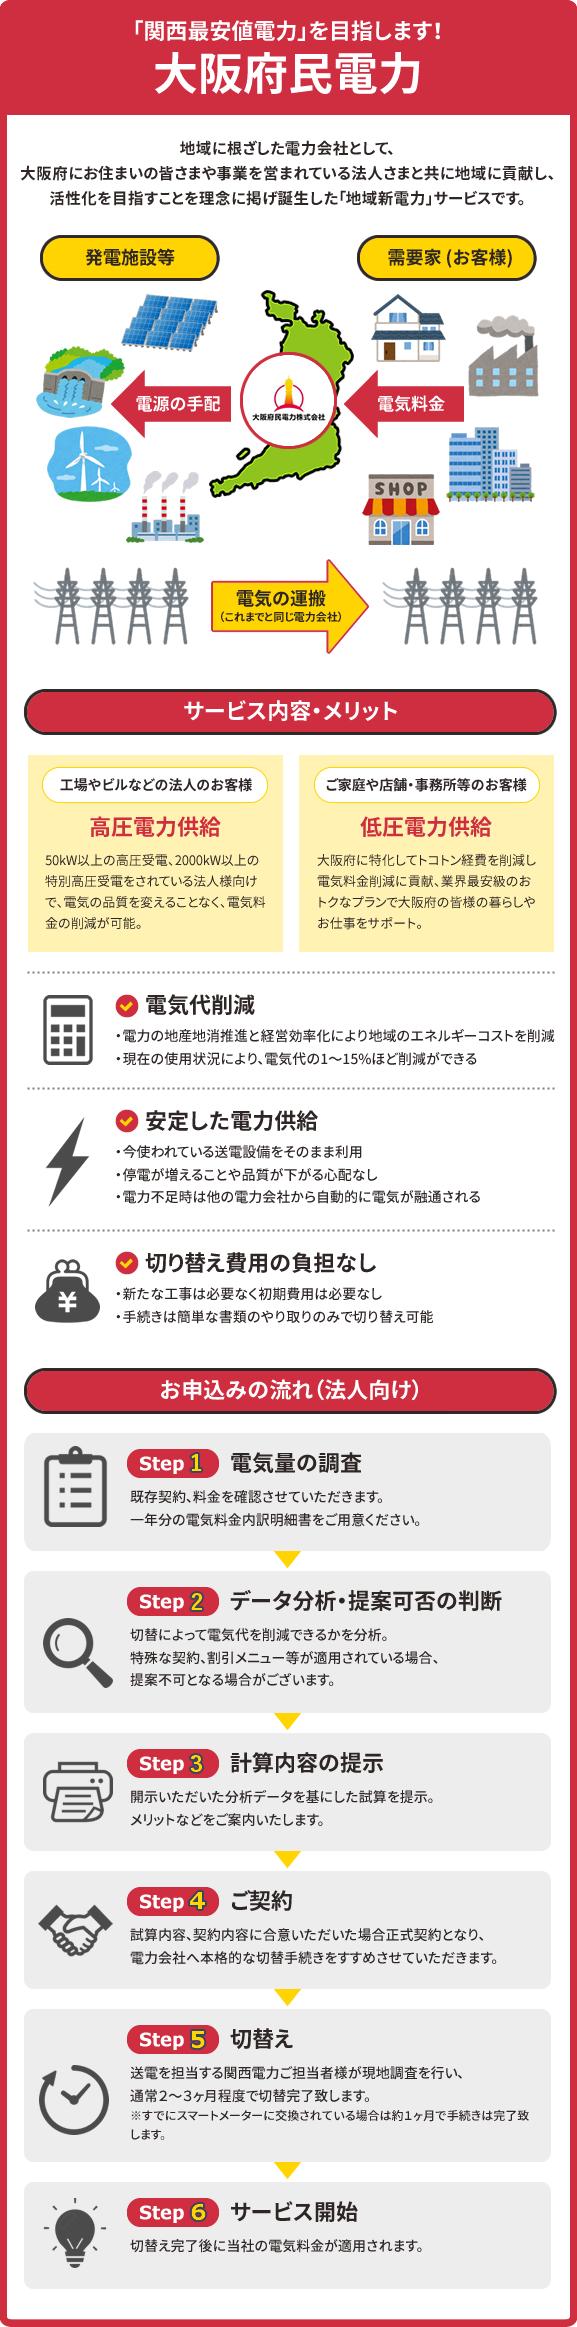 大阪府民電力